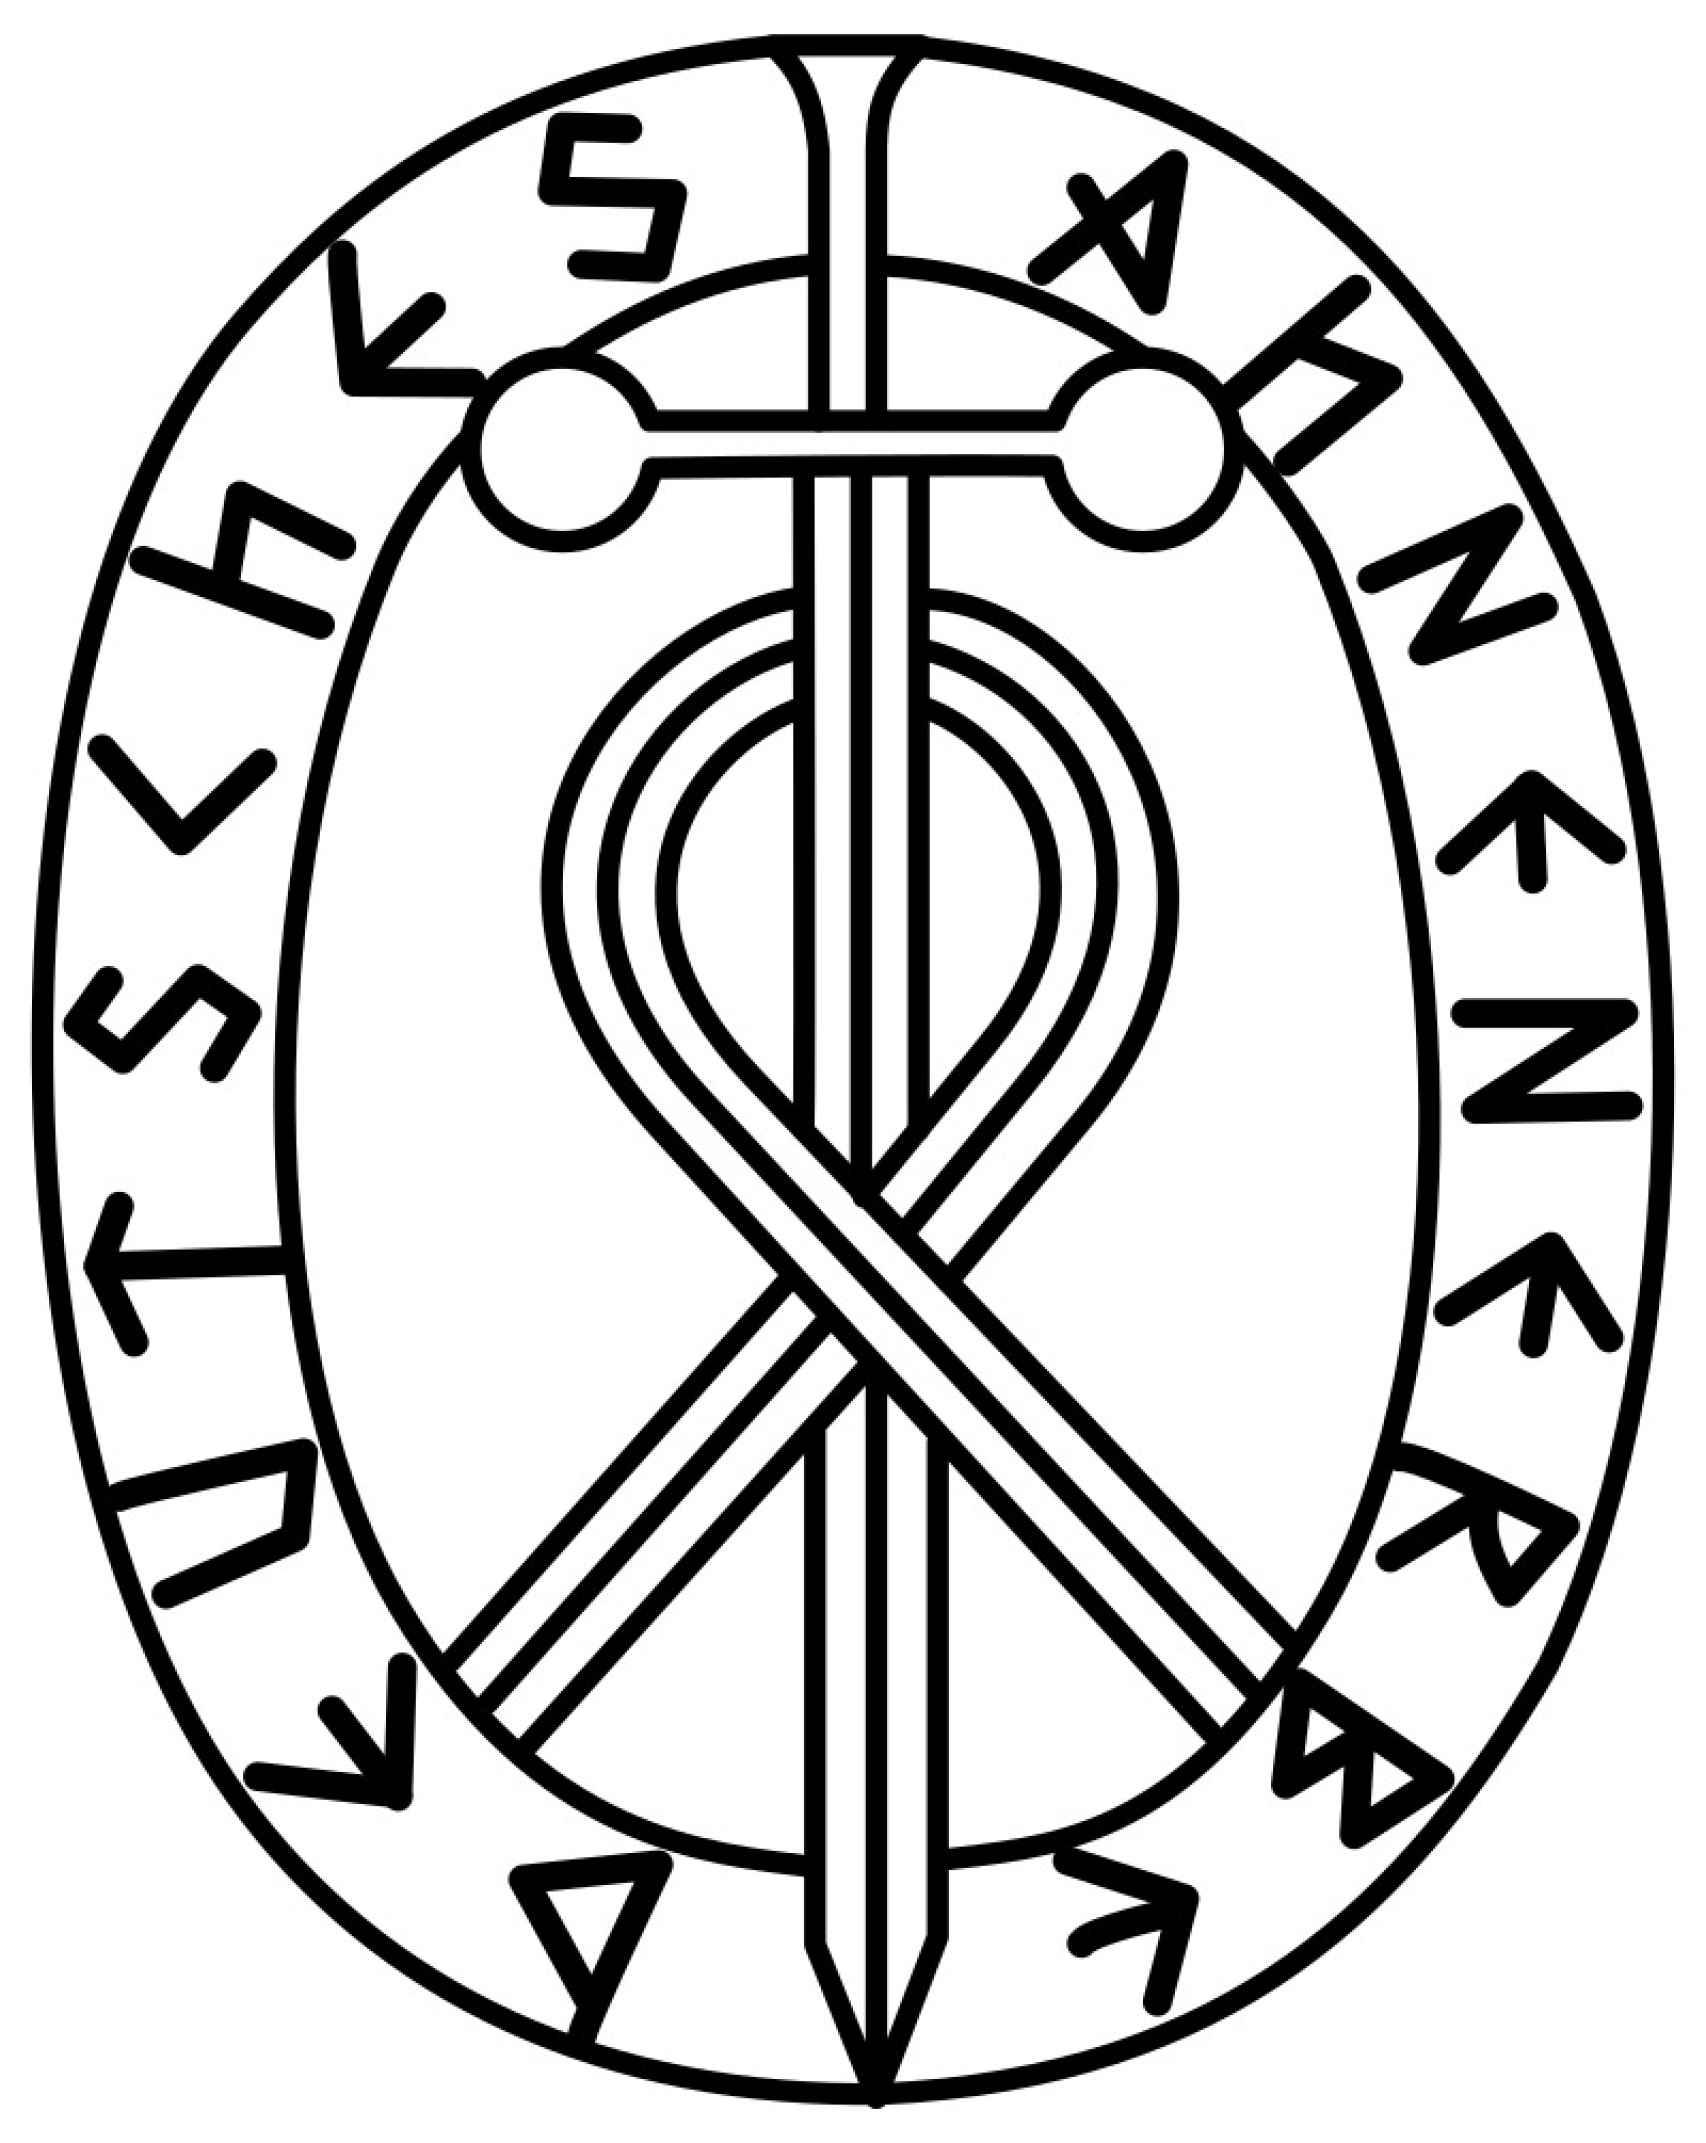 Escudo del Ahnenerbe.